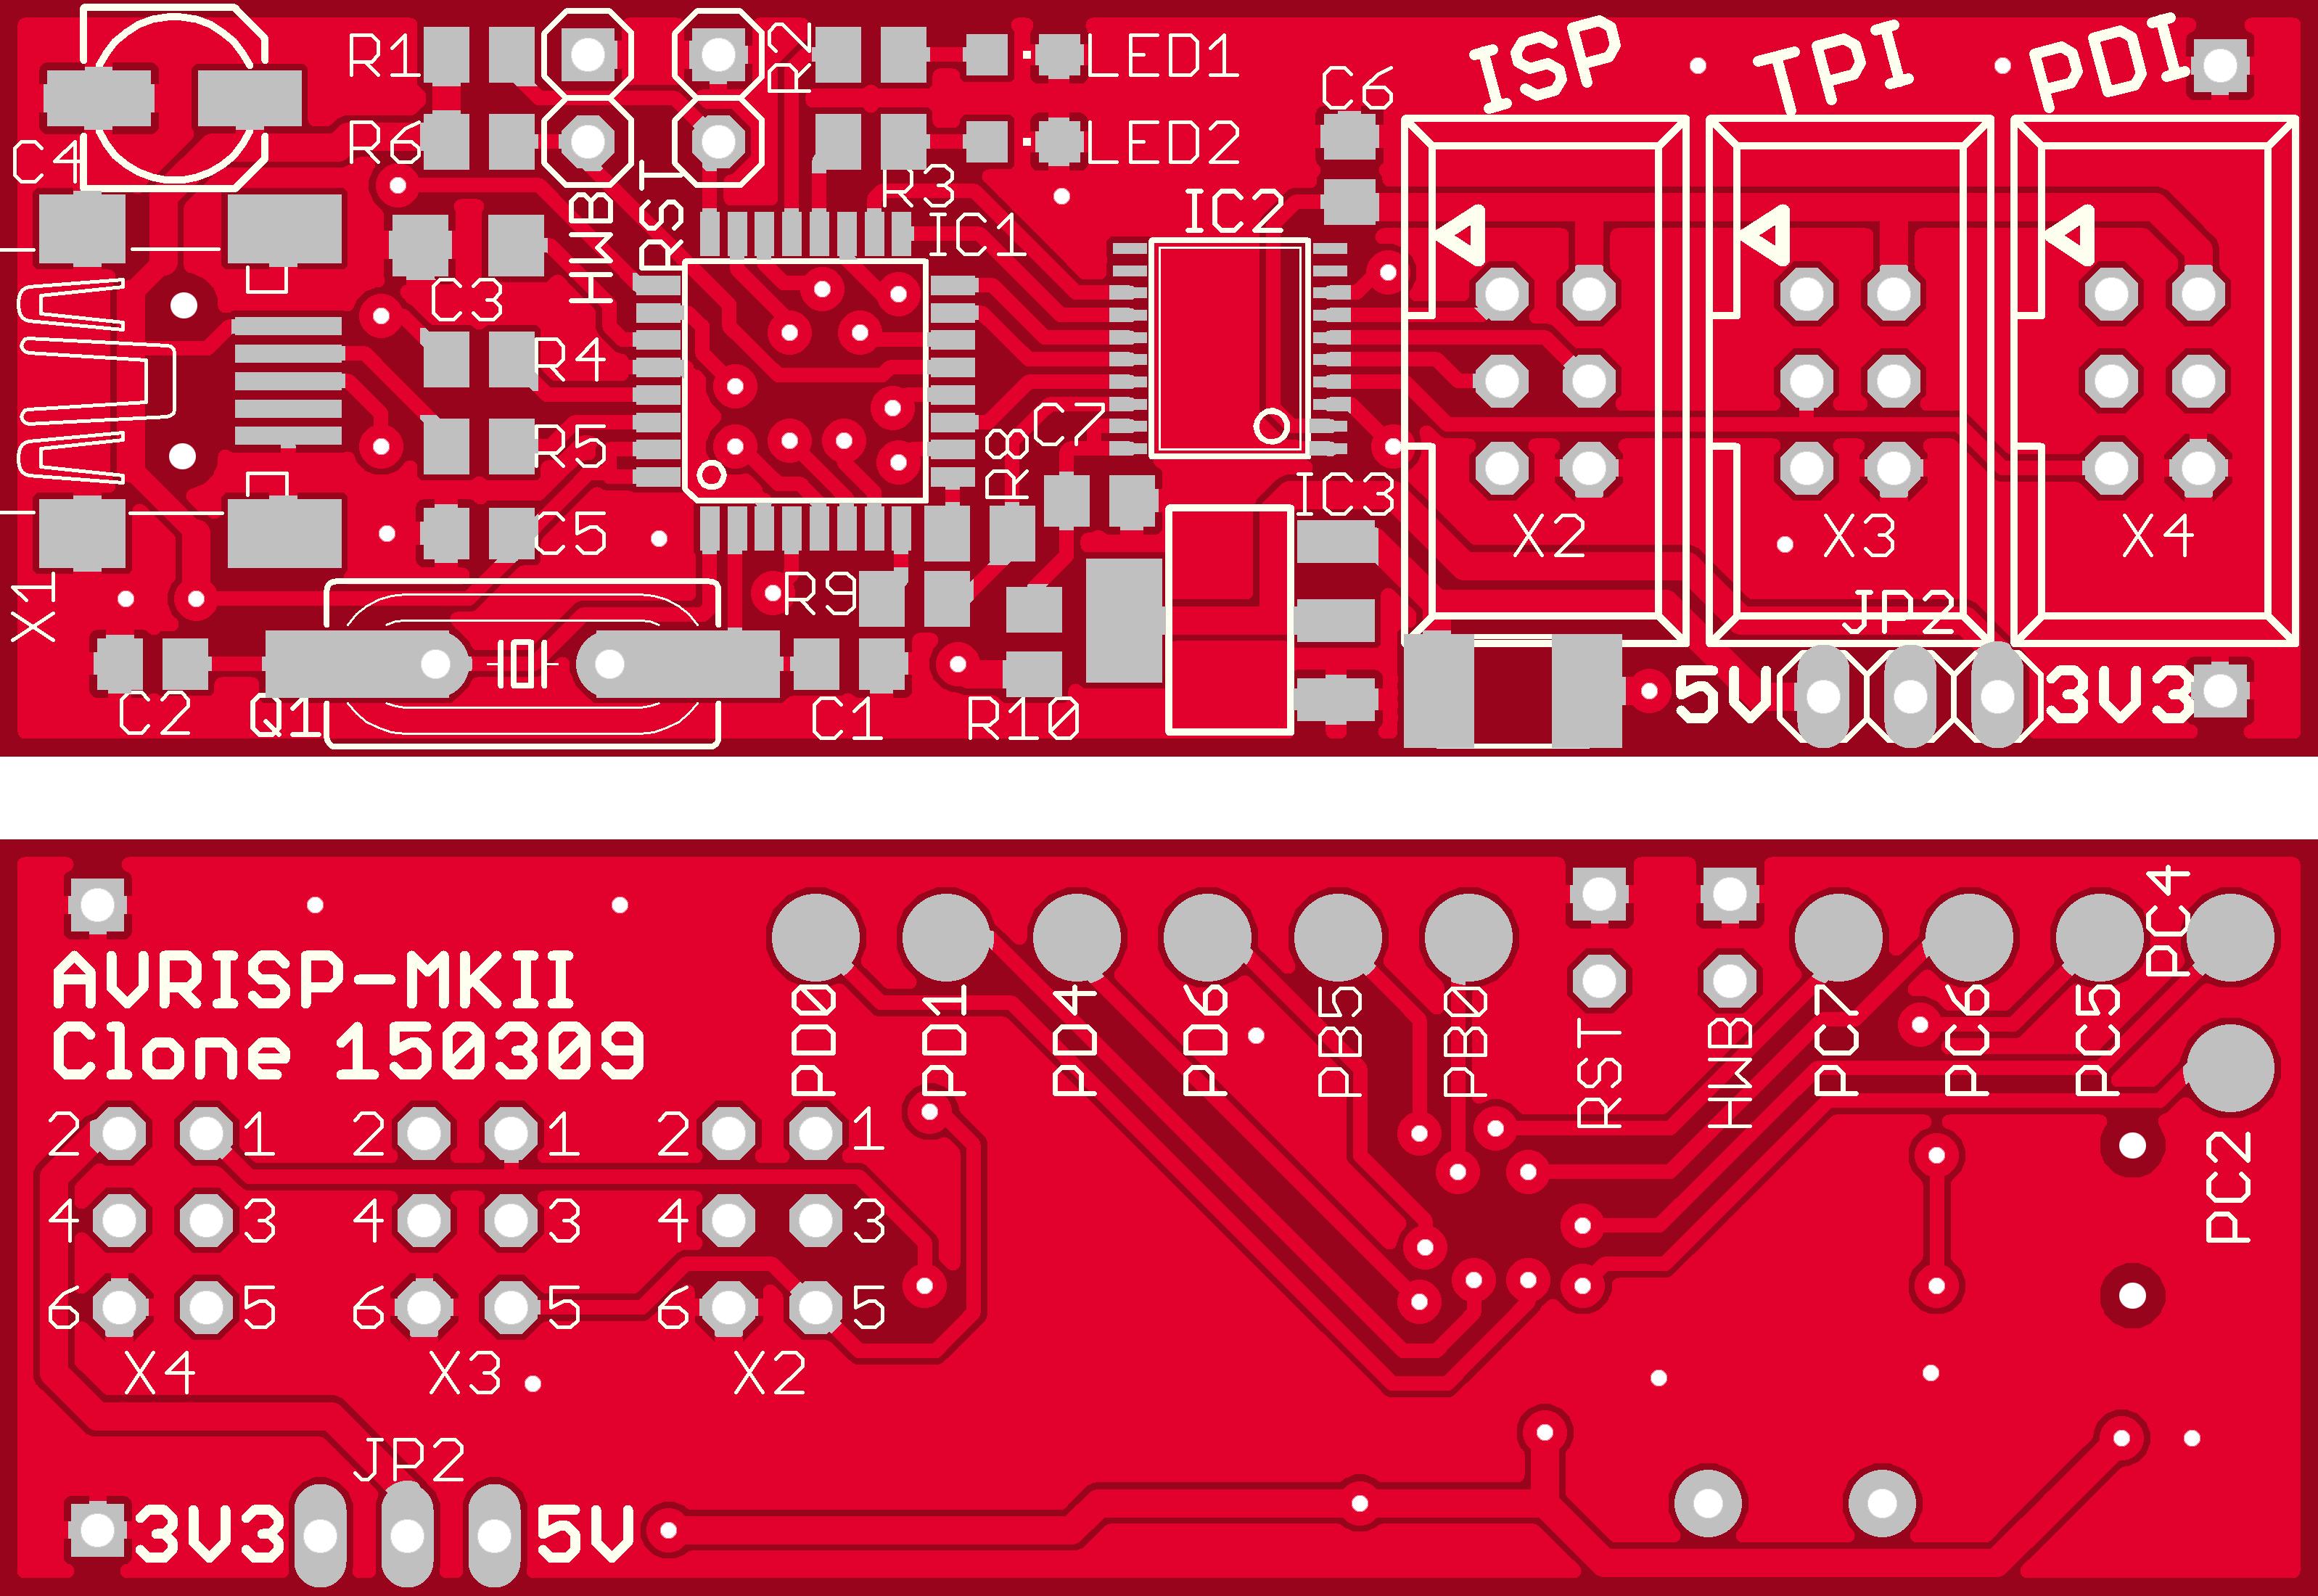 mkii slim 2.0 board